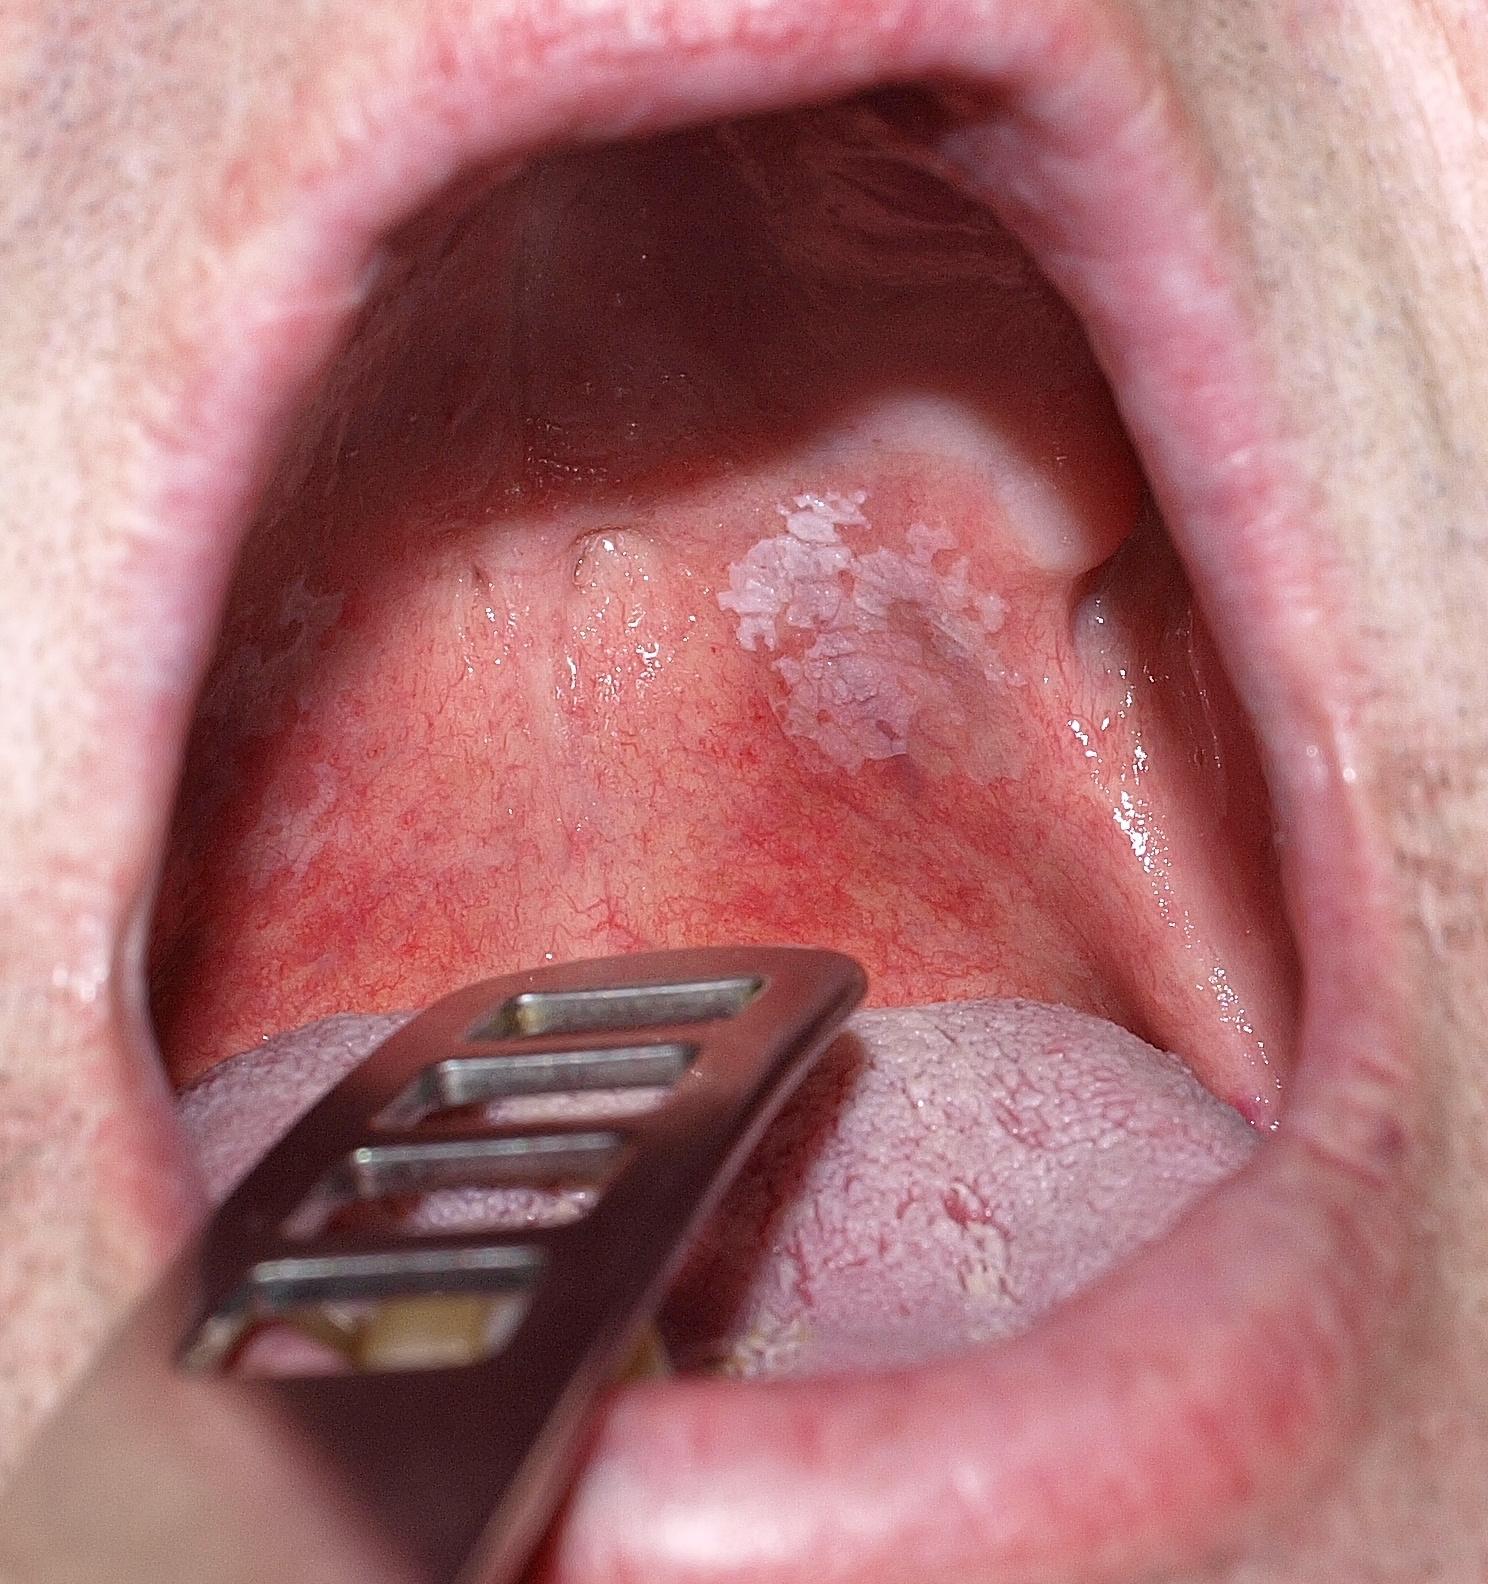 nepszabadsáfestekszakbolt.hu: Apró piros foltok a szájban (2) – Semmelweis Médiasarok